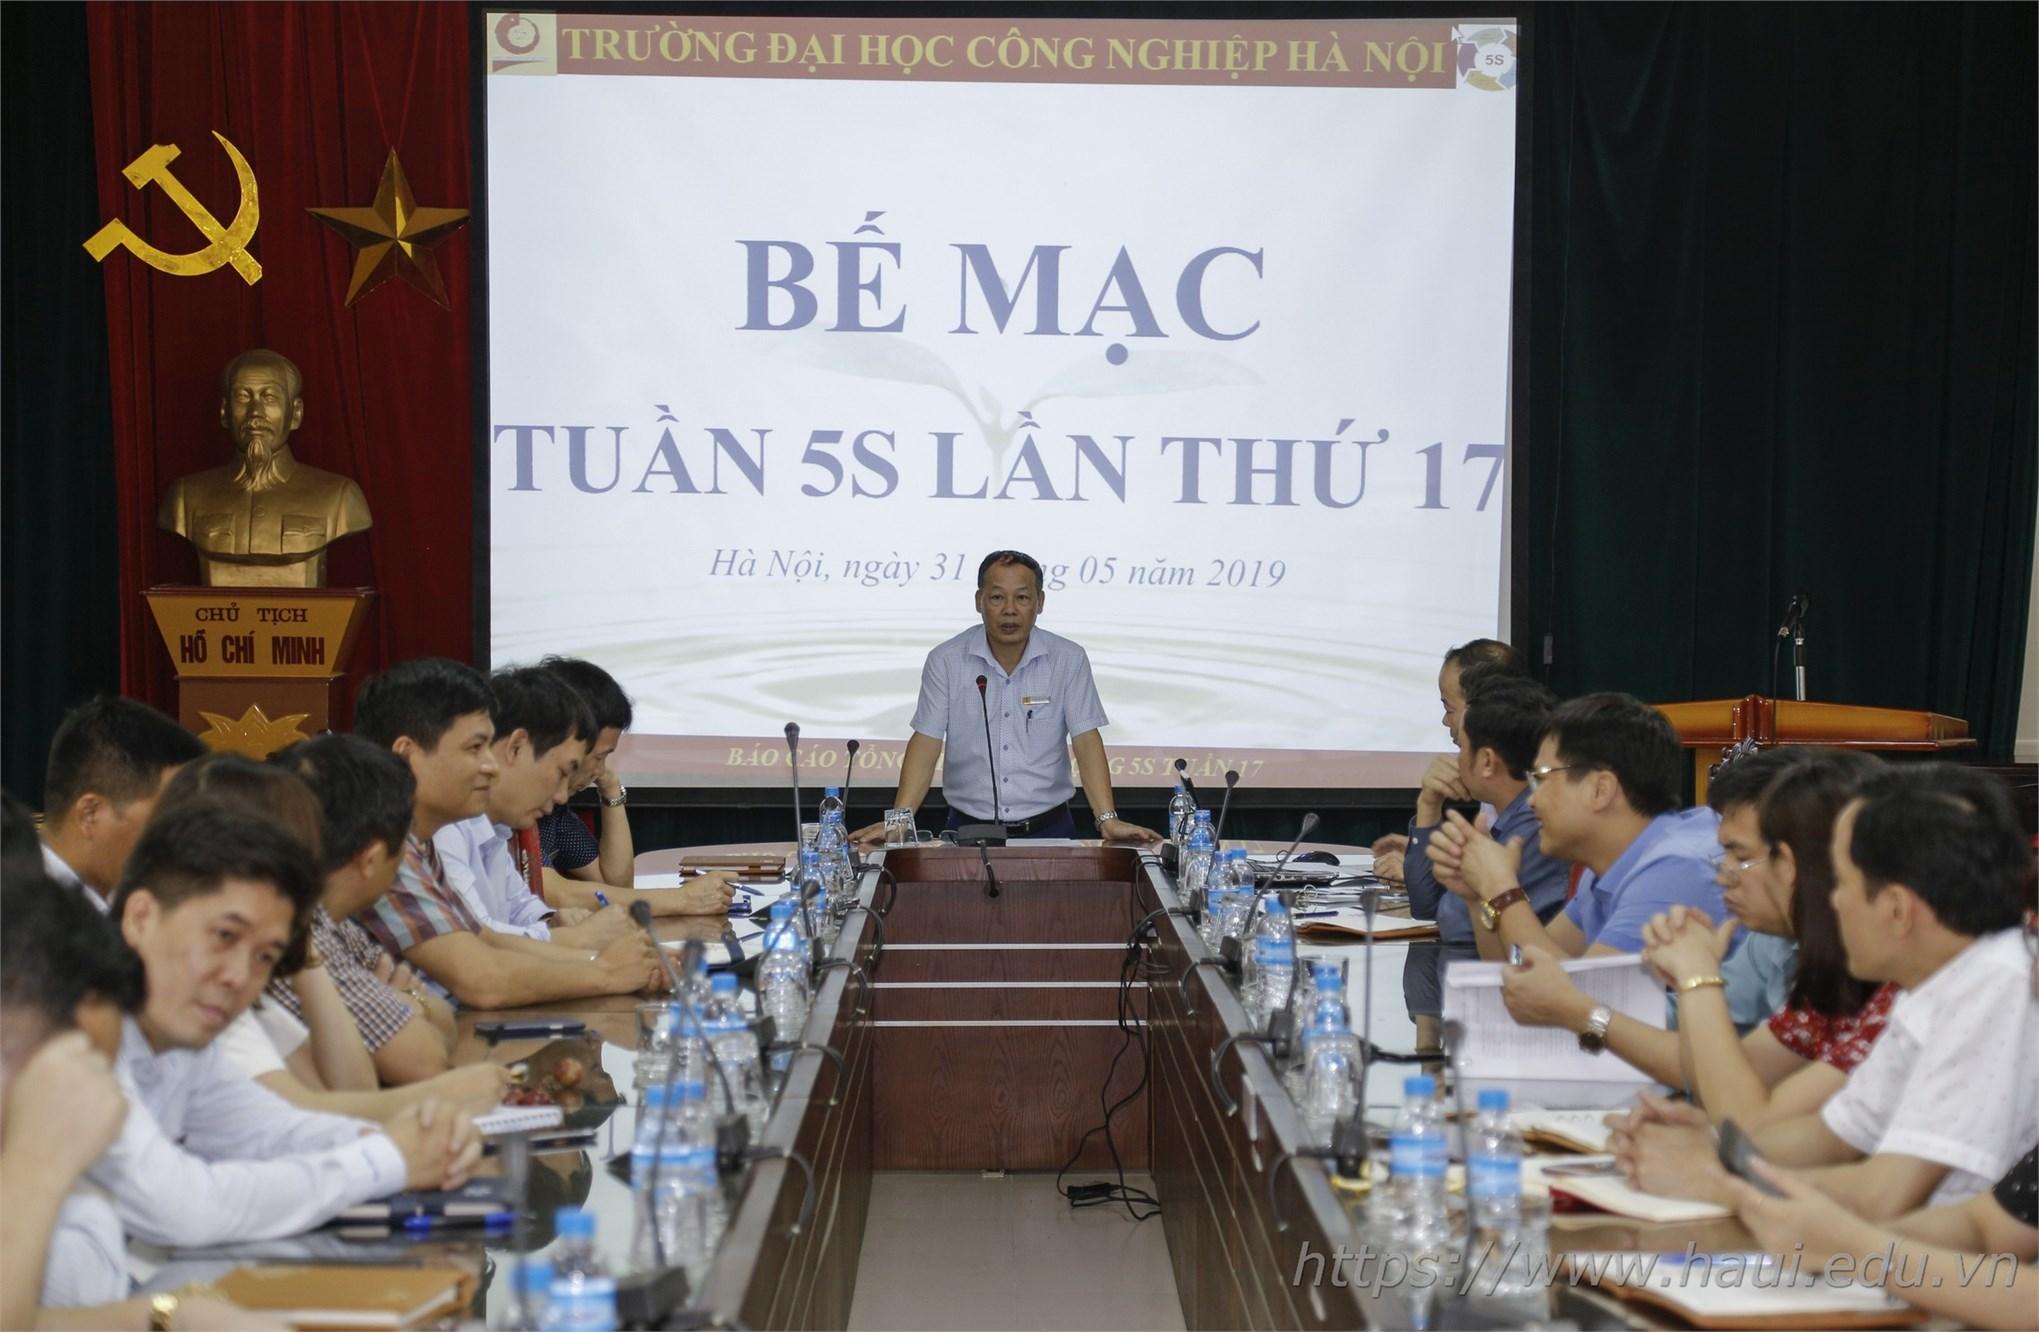 TS. Nguyễn Anh Tuấn - Phó Hiệu trưởng, Trưởng ban 5S Nhà trường chủ trì Bế mạc Tuần 5S lần thứ 17